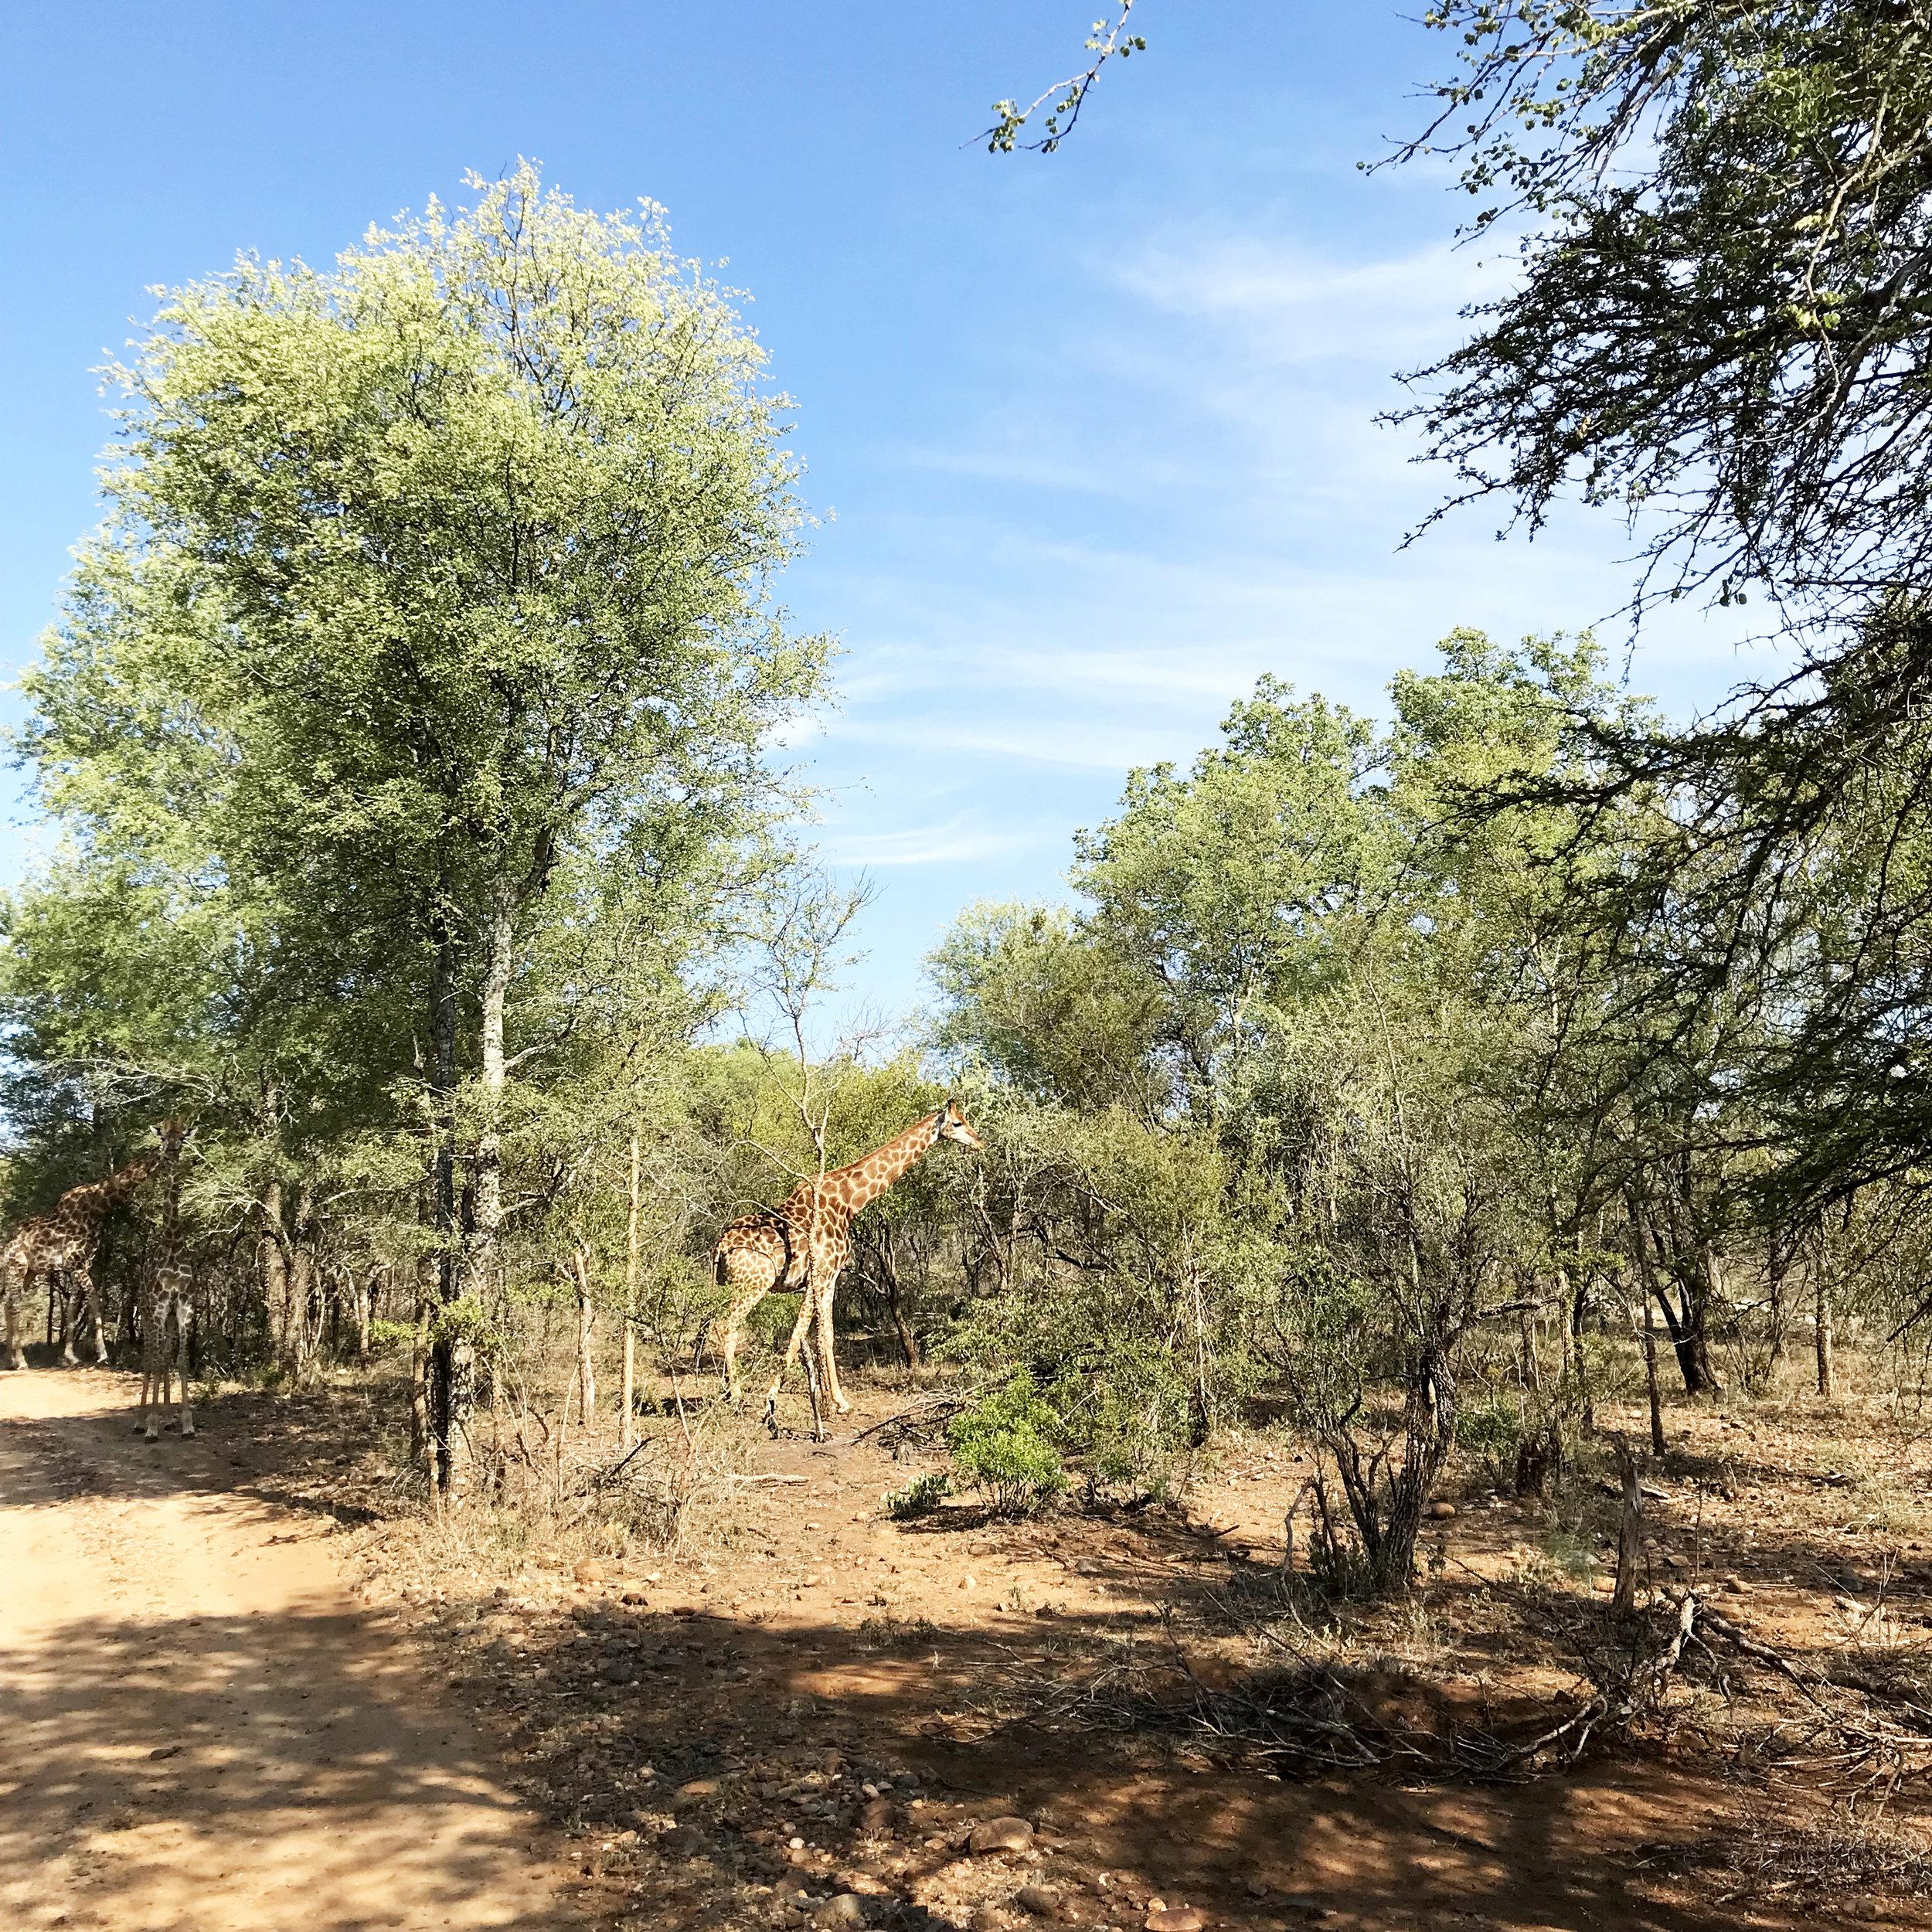 Giraffe at Karongwe